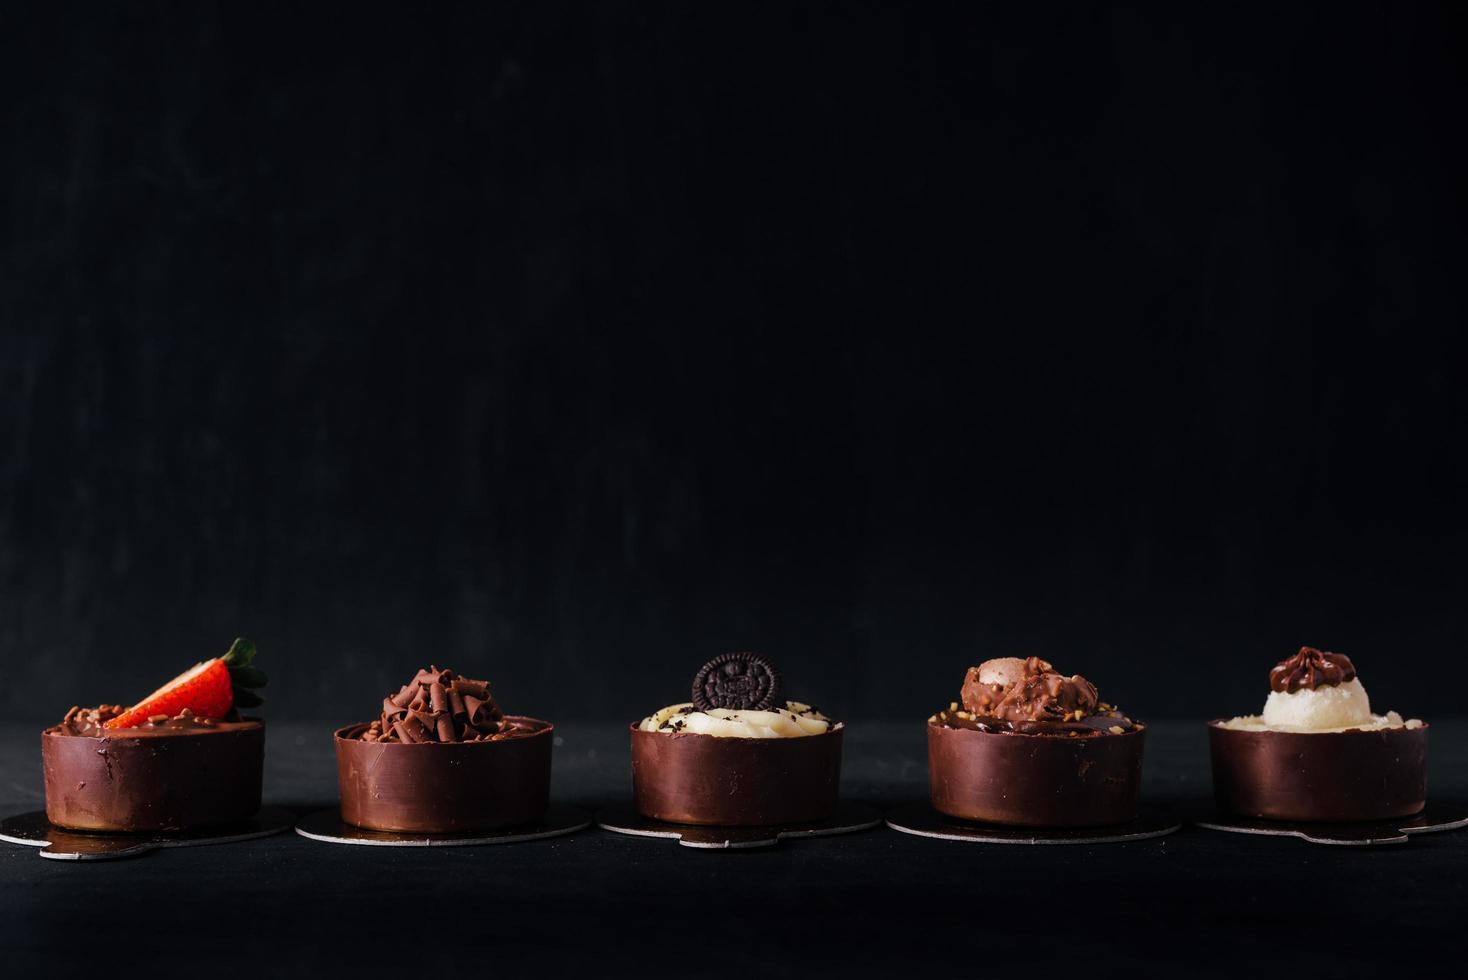 desserts au chocolat sur fond sombre photo